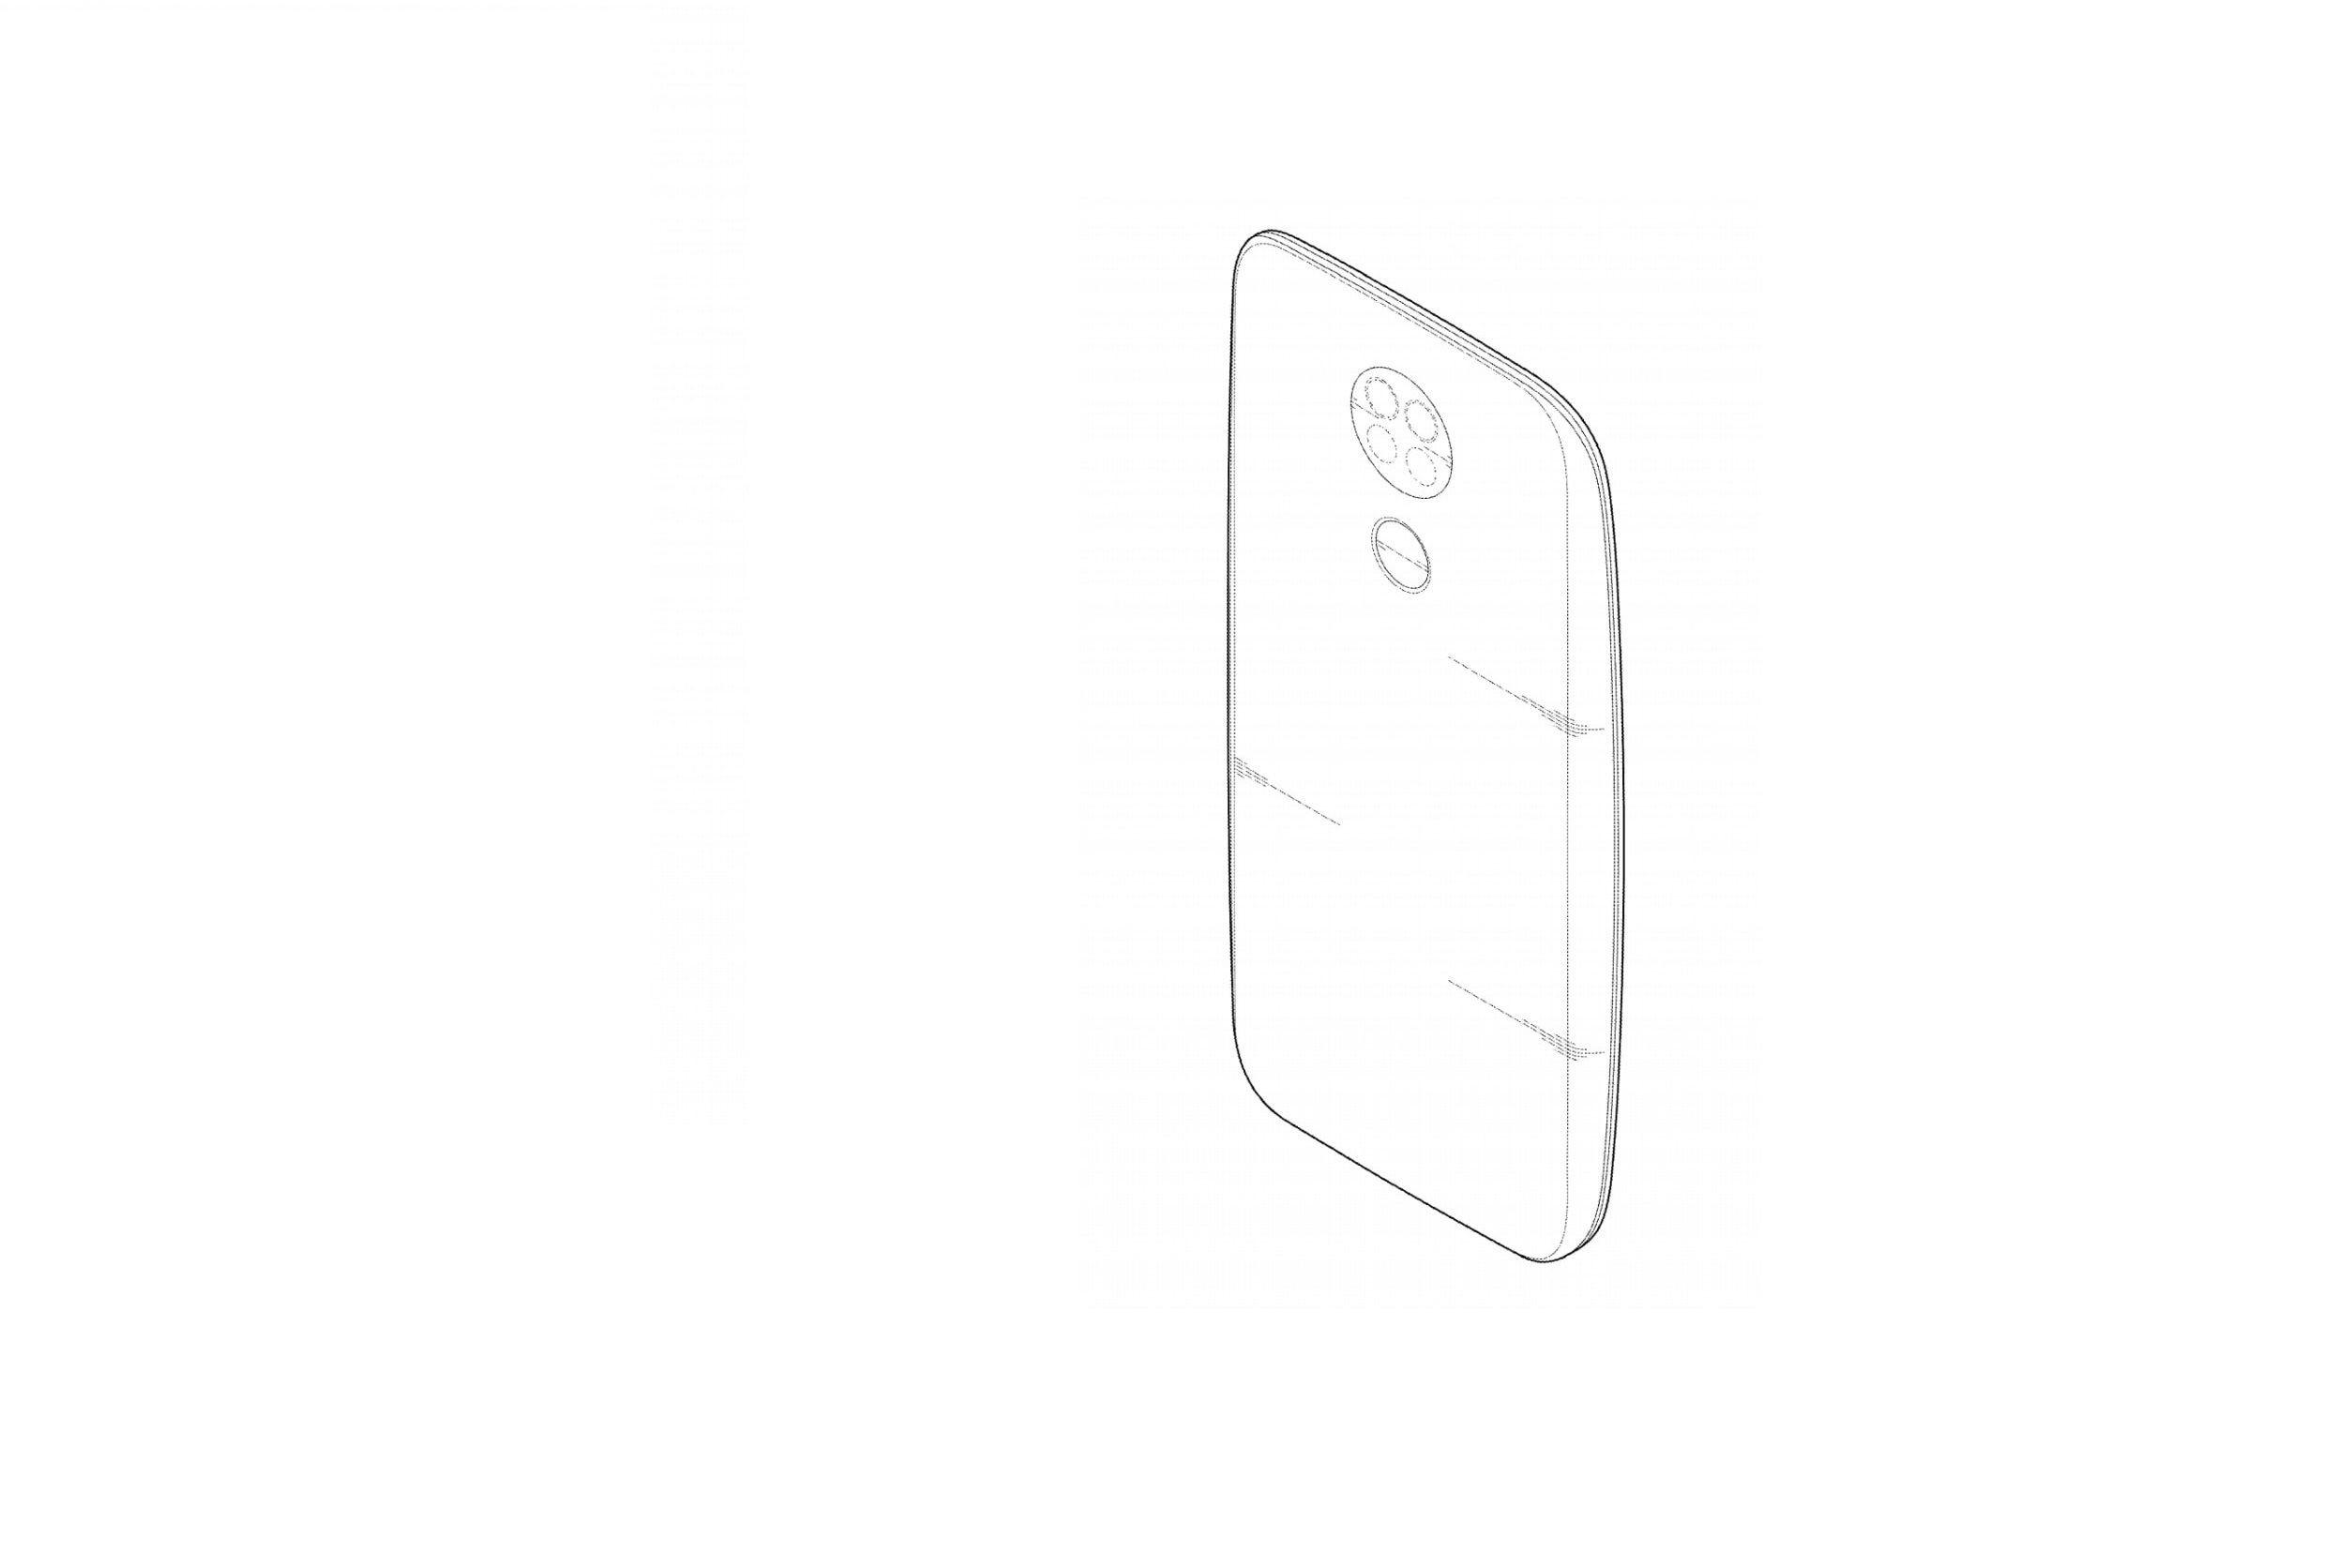 Patente da LG revela smartphone de sete câmaras